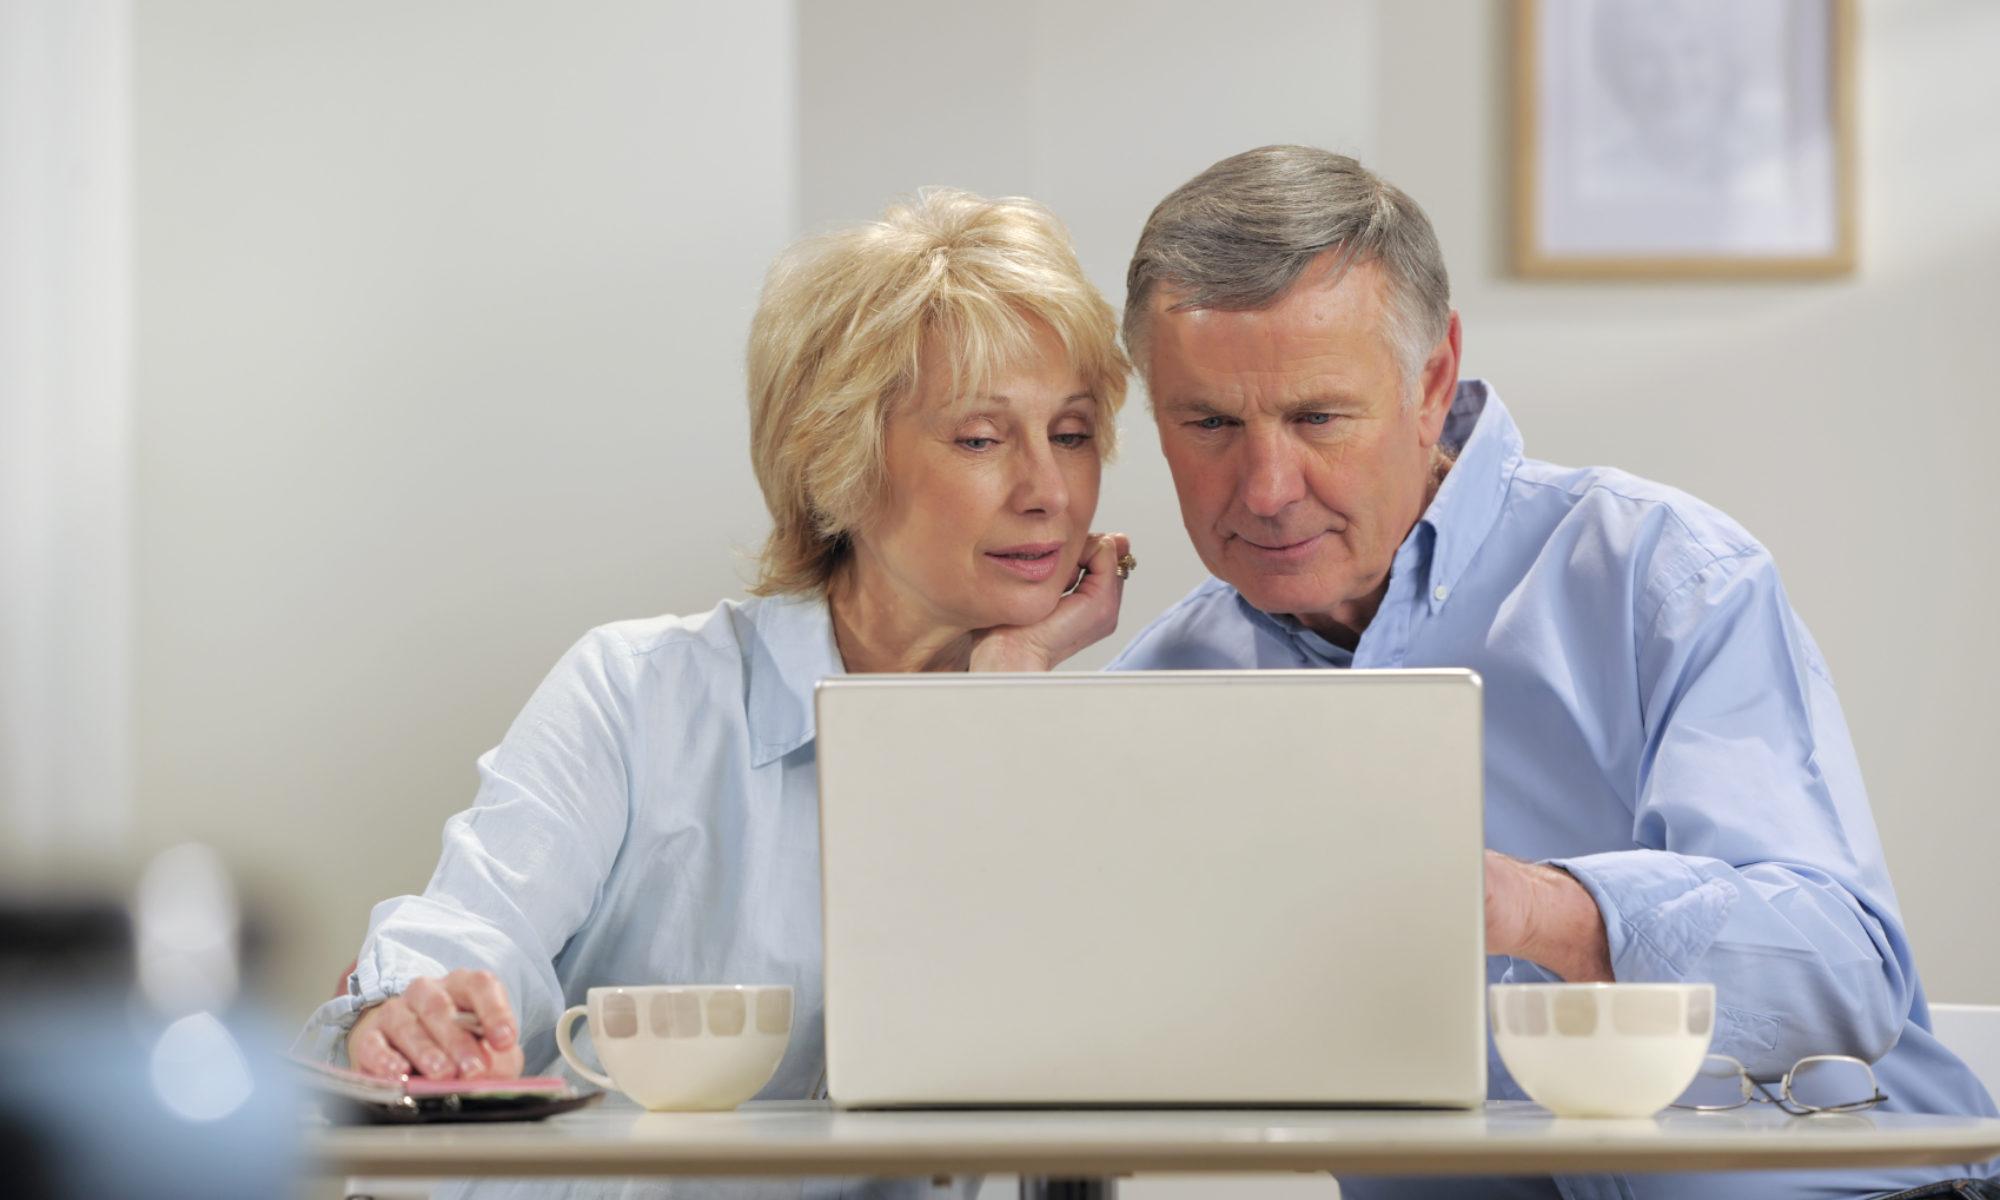 В ПФР рассказали, как получить справку о статусе предпенсионера онлайн. Что она дает?